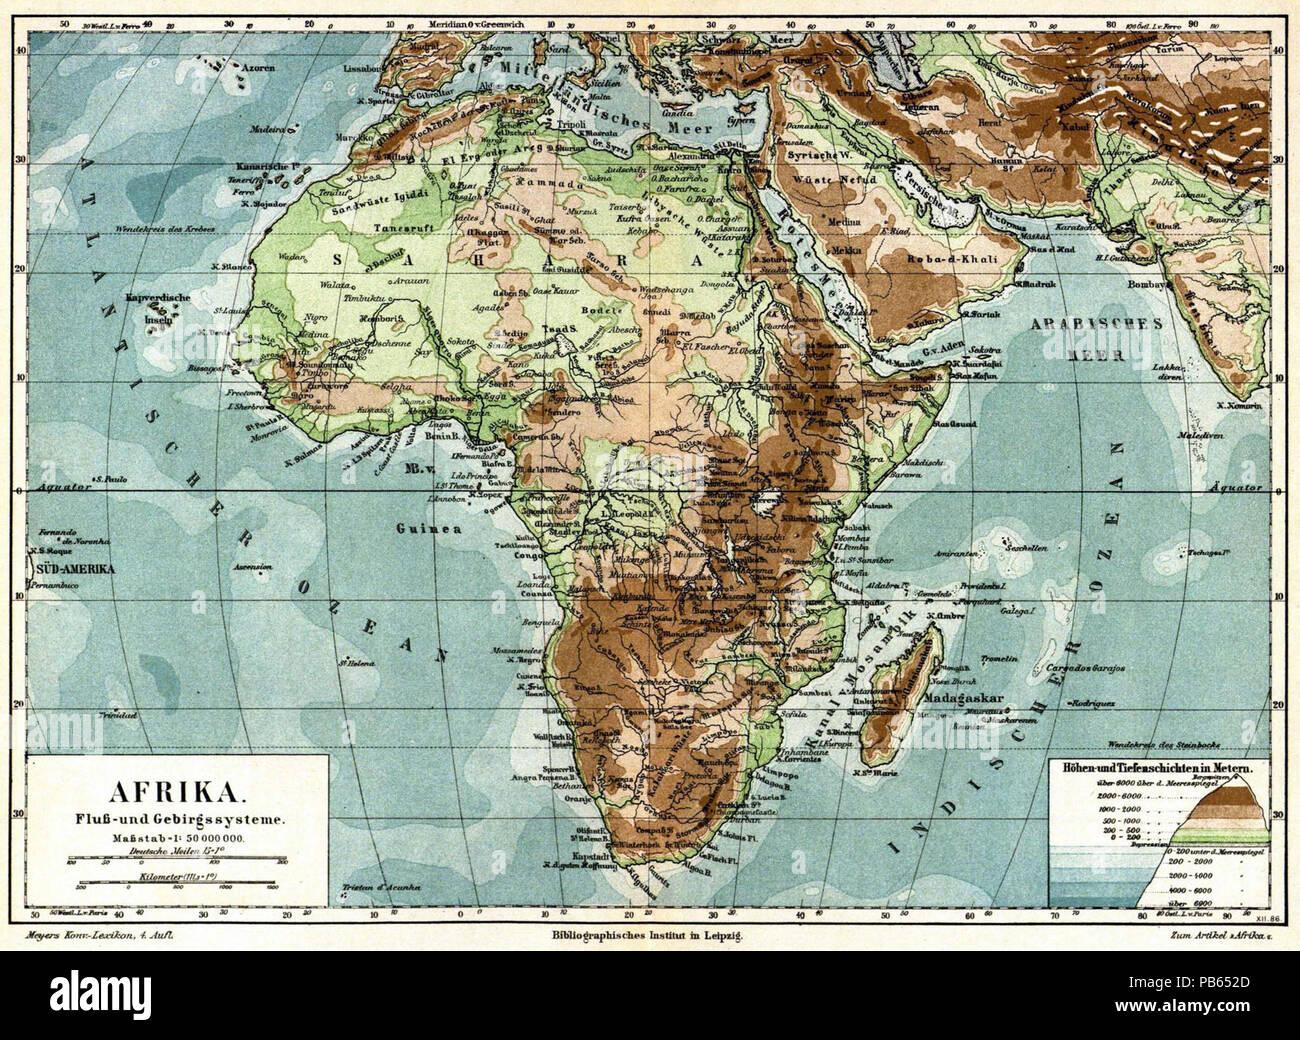 Deutsch Karte Afrika Fluss Und Gebirgssysteme 1 50 000 000